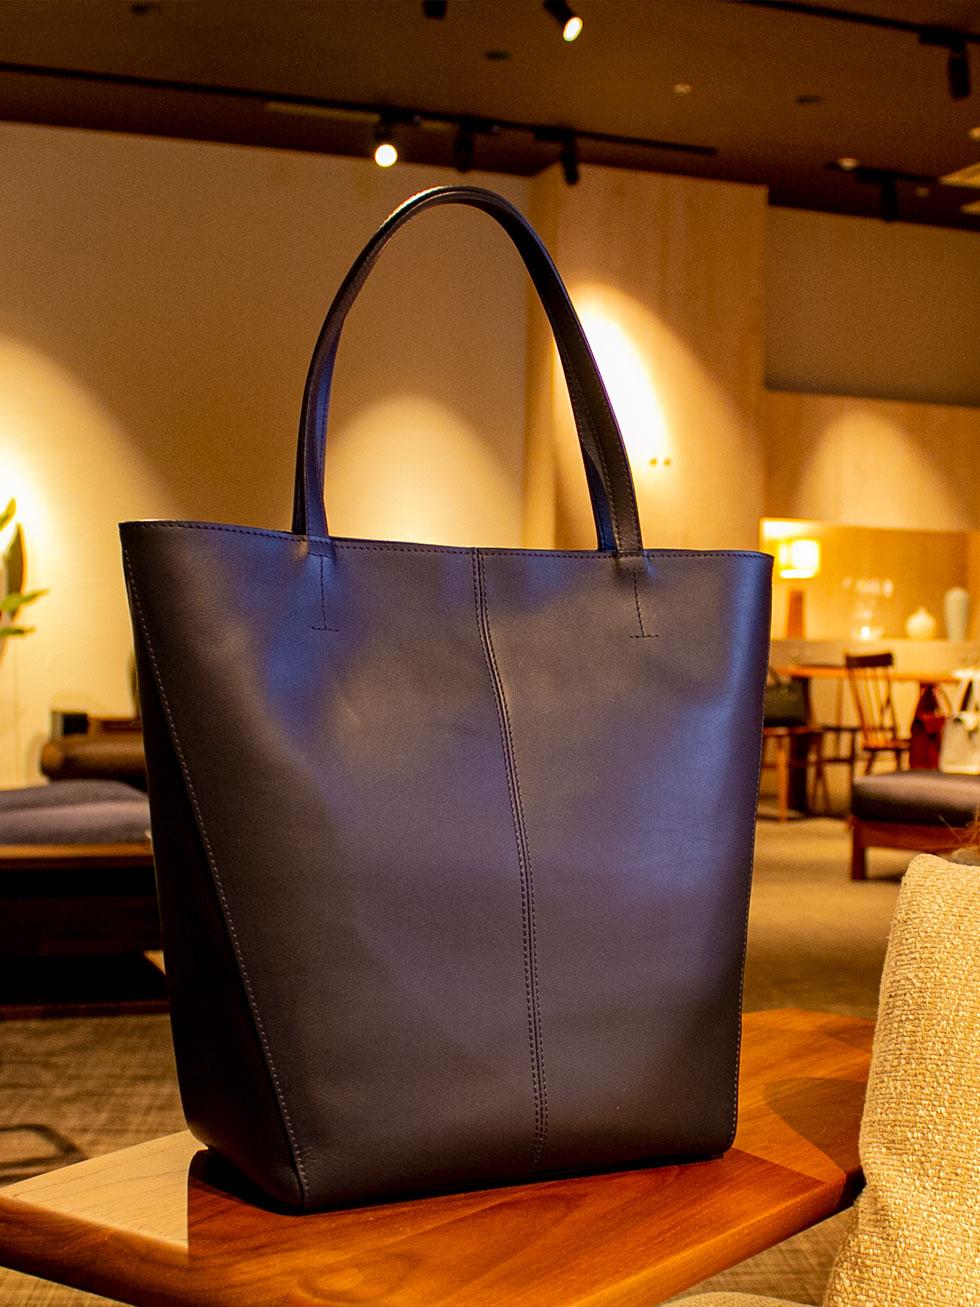 オイルヌメ革の縦型の本革トートバッグは使い込むほどに艶やかに深みが出るのが素敵な本革バッグ